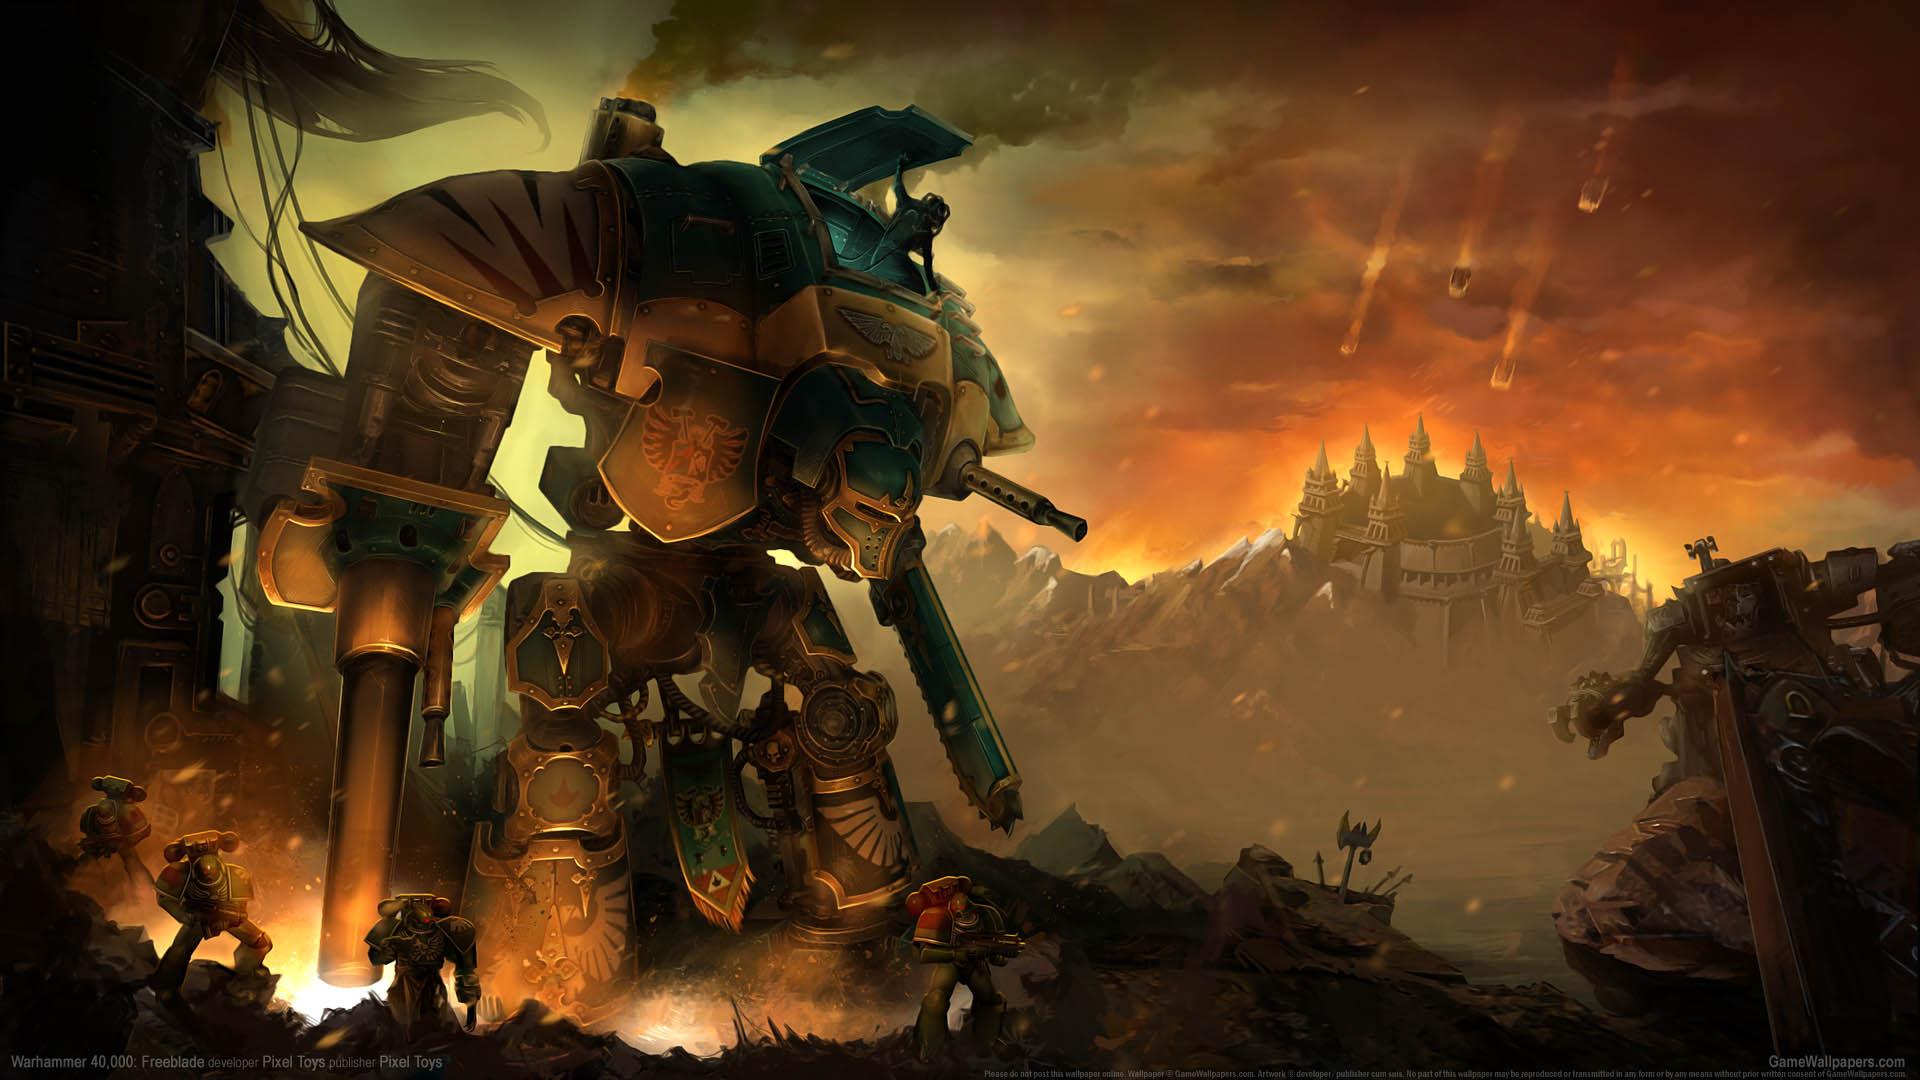 Warhammer 40000 Freeblade Fondo De Escritorio 01 1920x1080